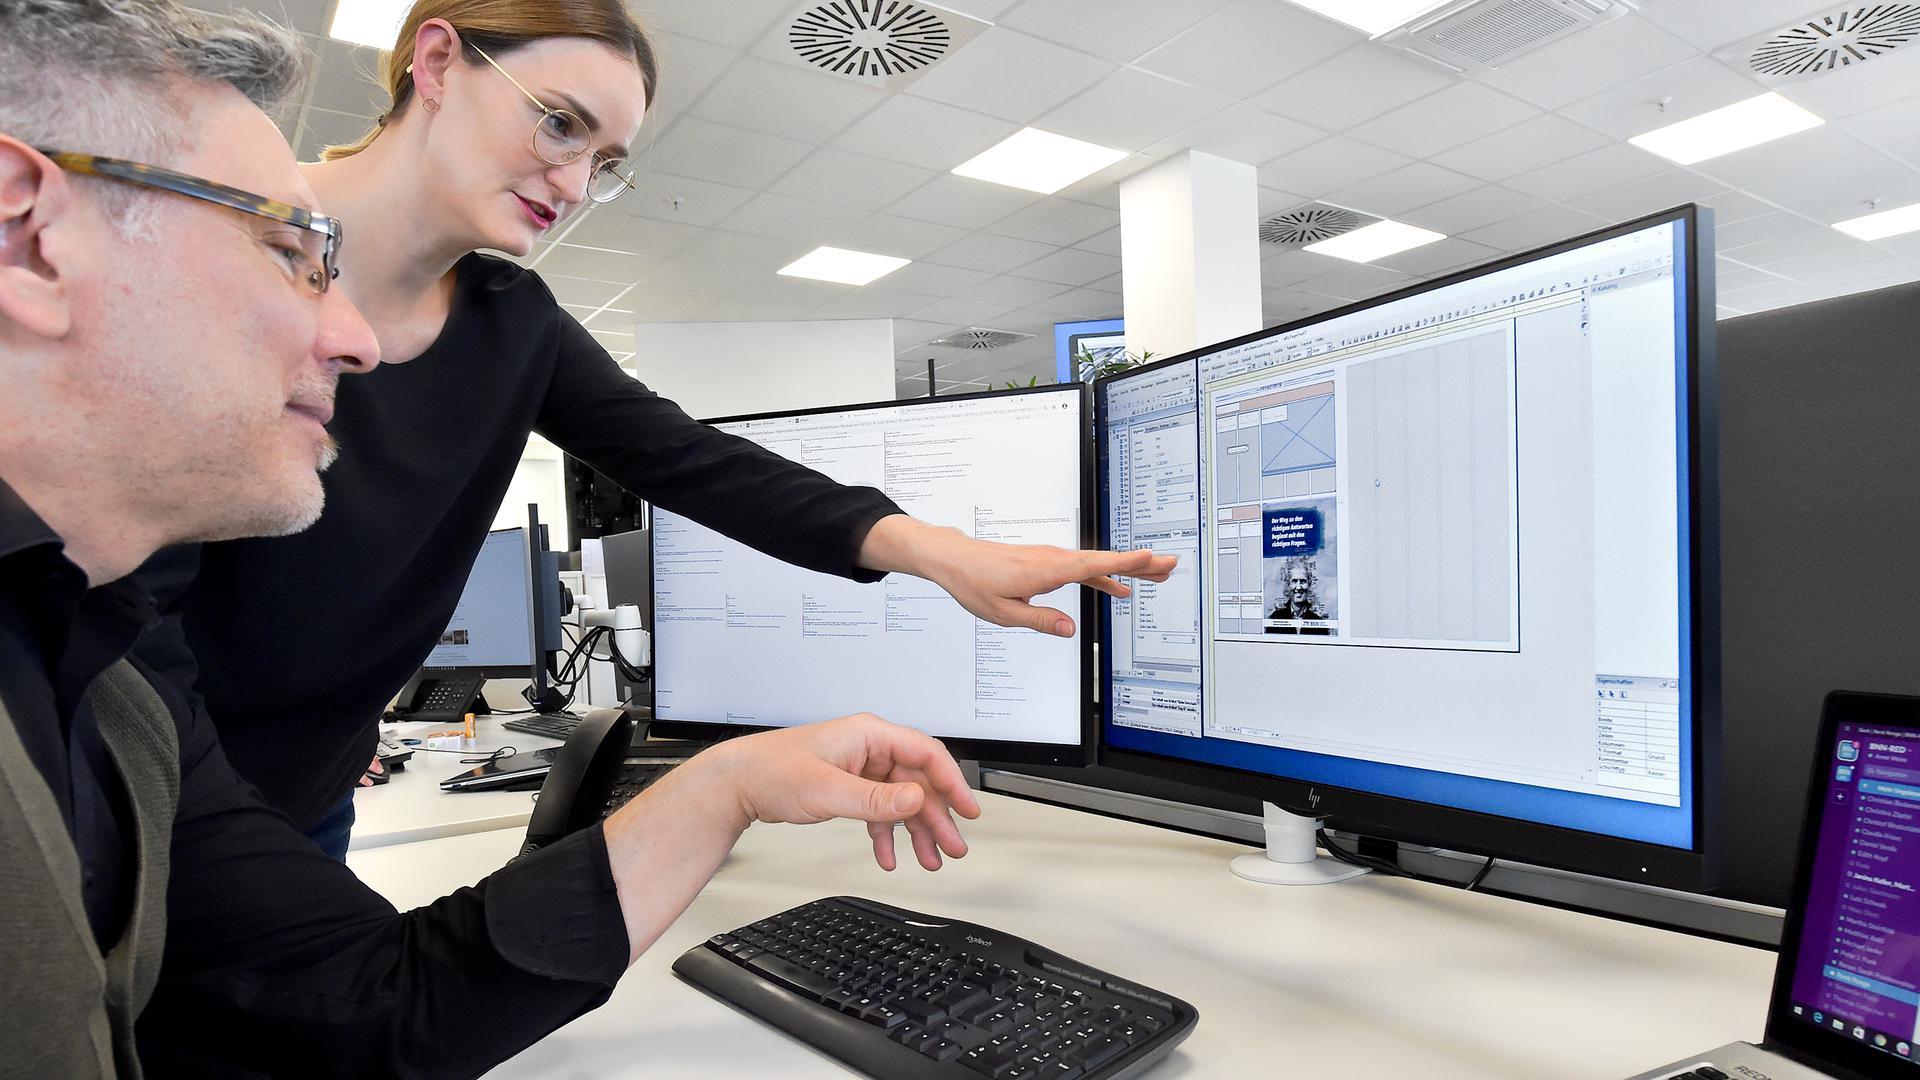 Zwei Menschen schauen auf einen Computer.